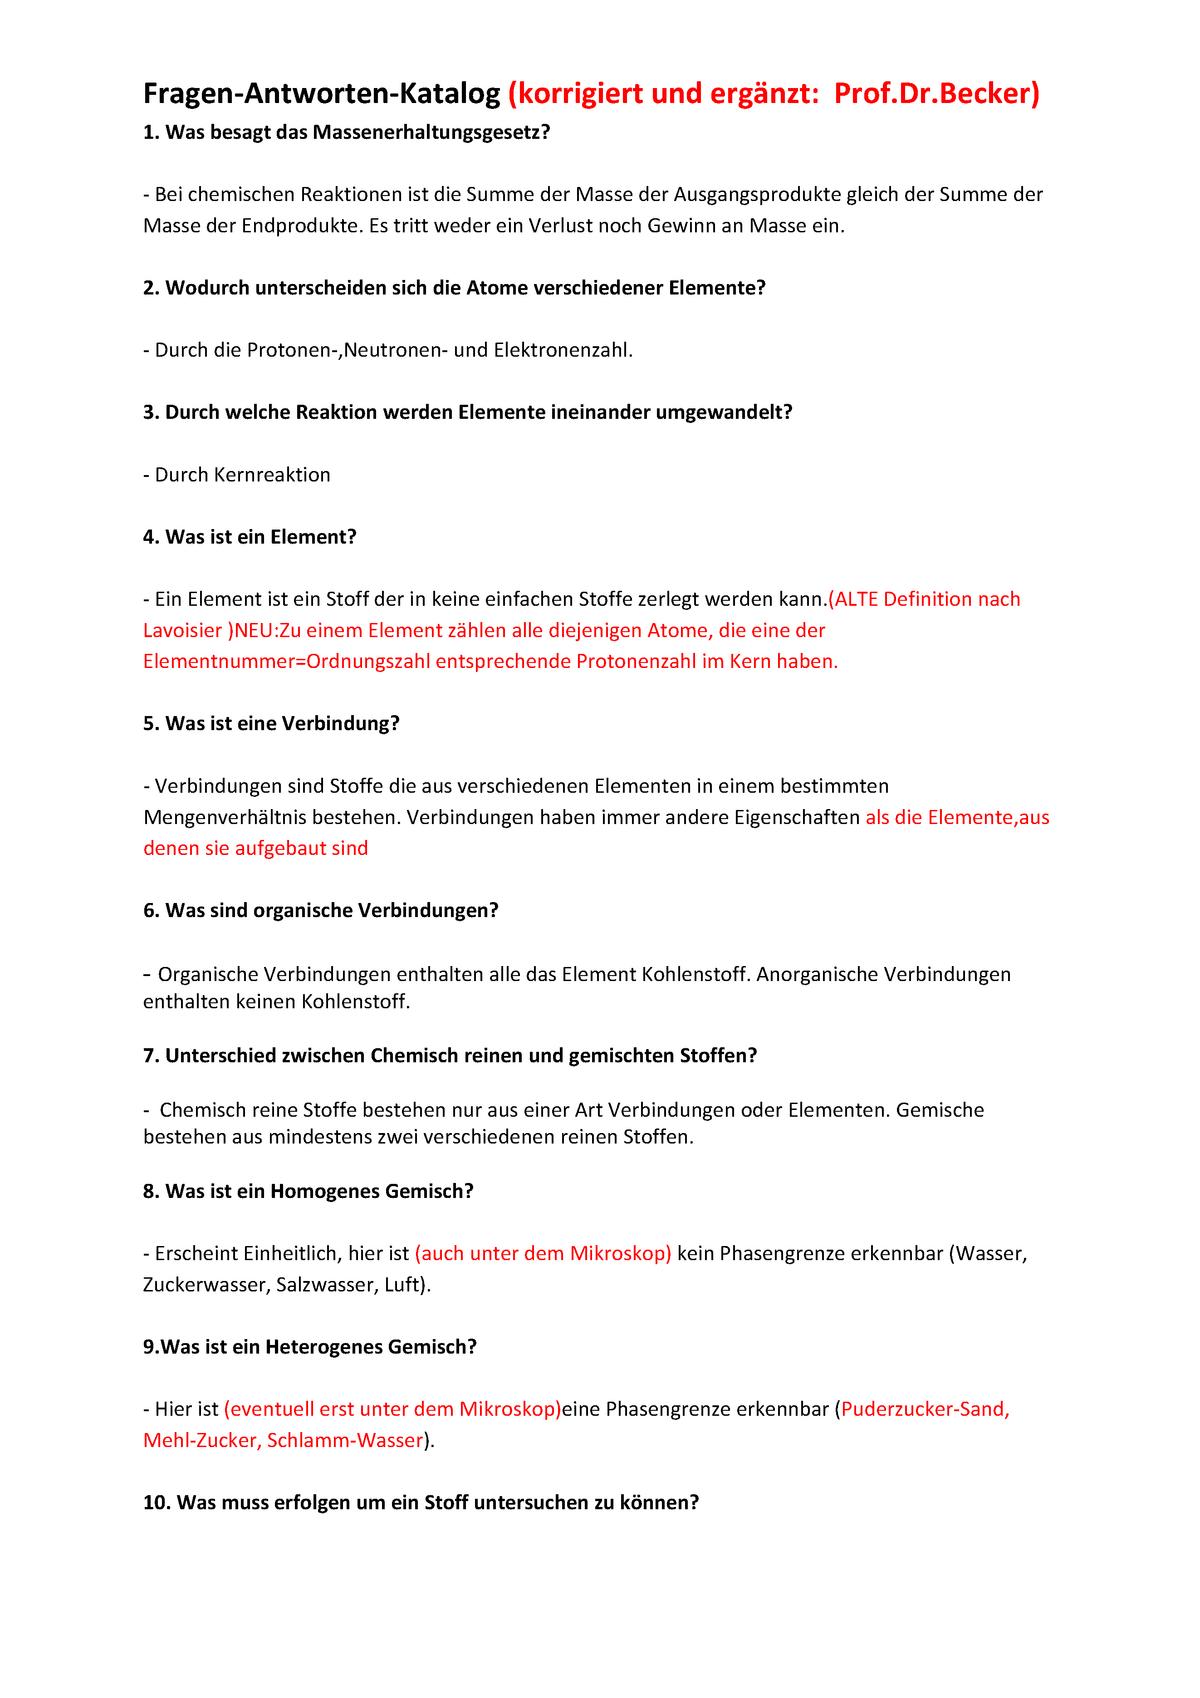 Becker Chemie Faq Zusammenfassung Chemie 101130 Studocu